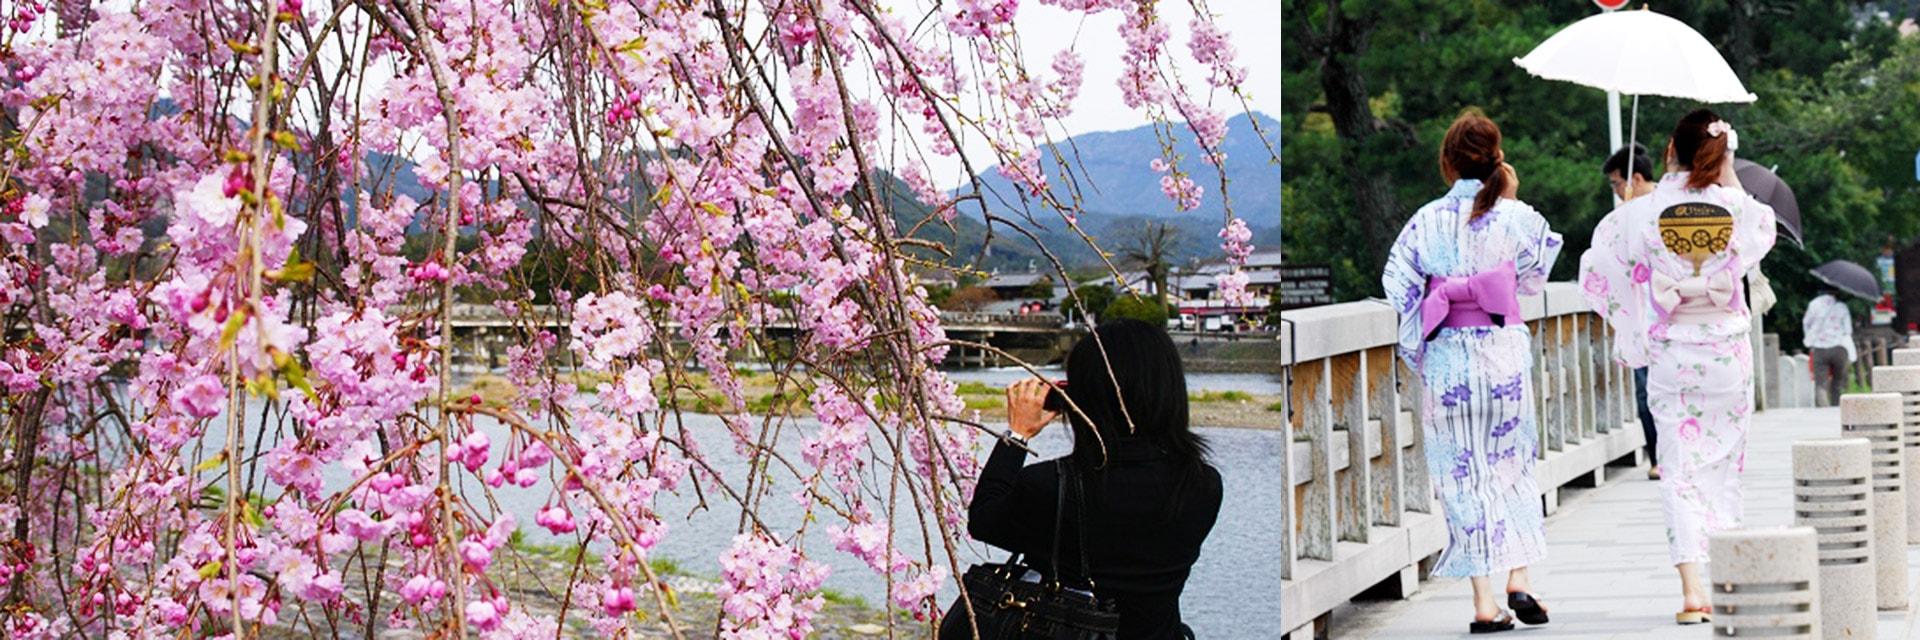 上順旅遊、日本旅遊、京都、大阪